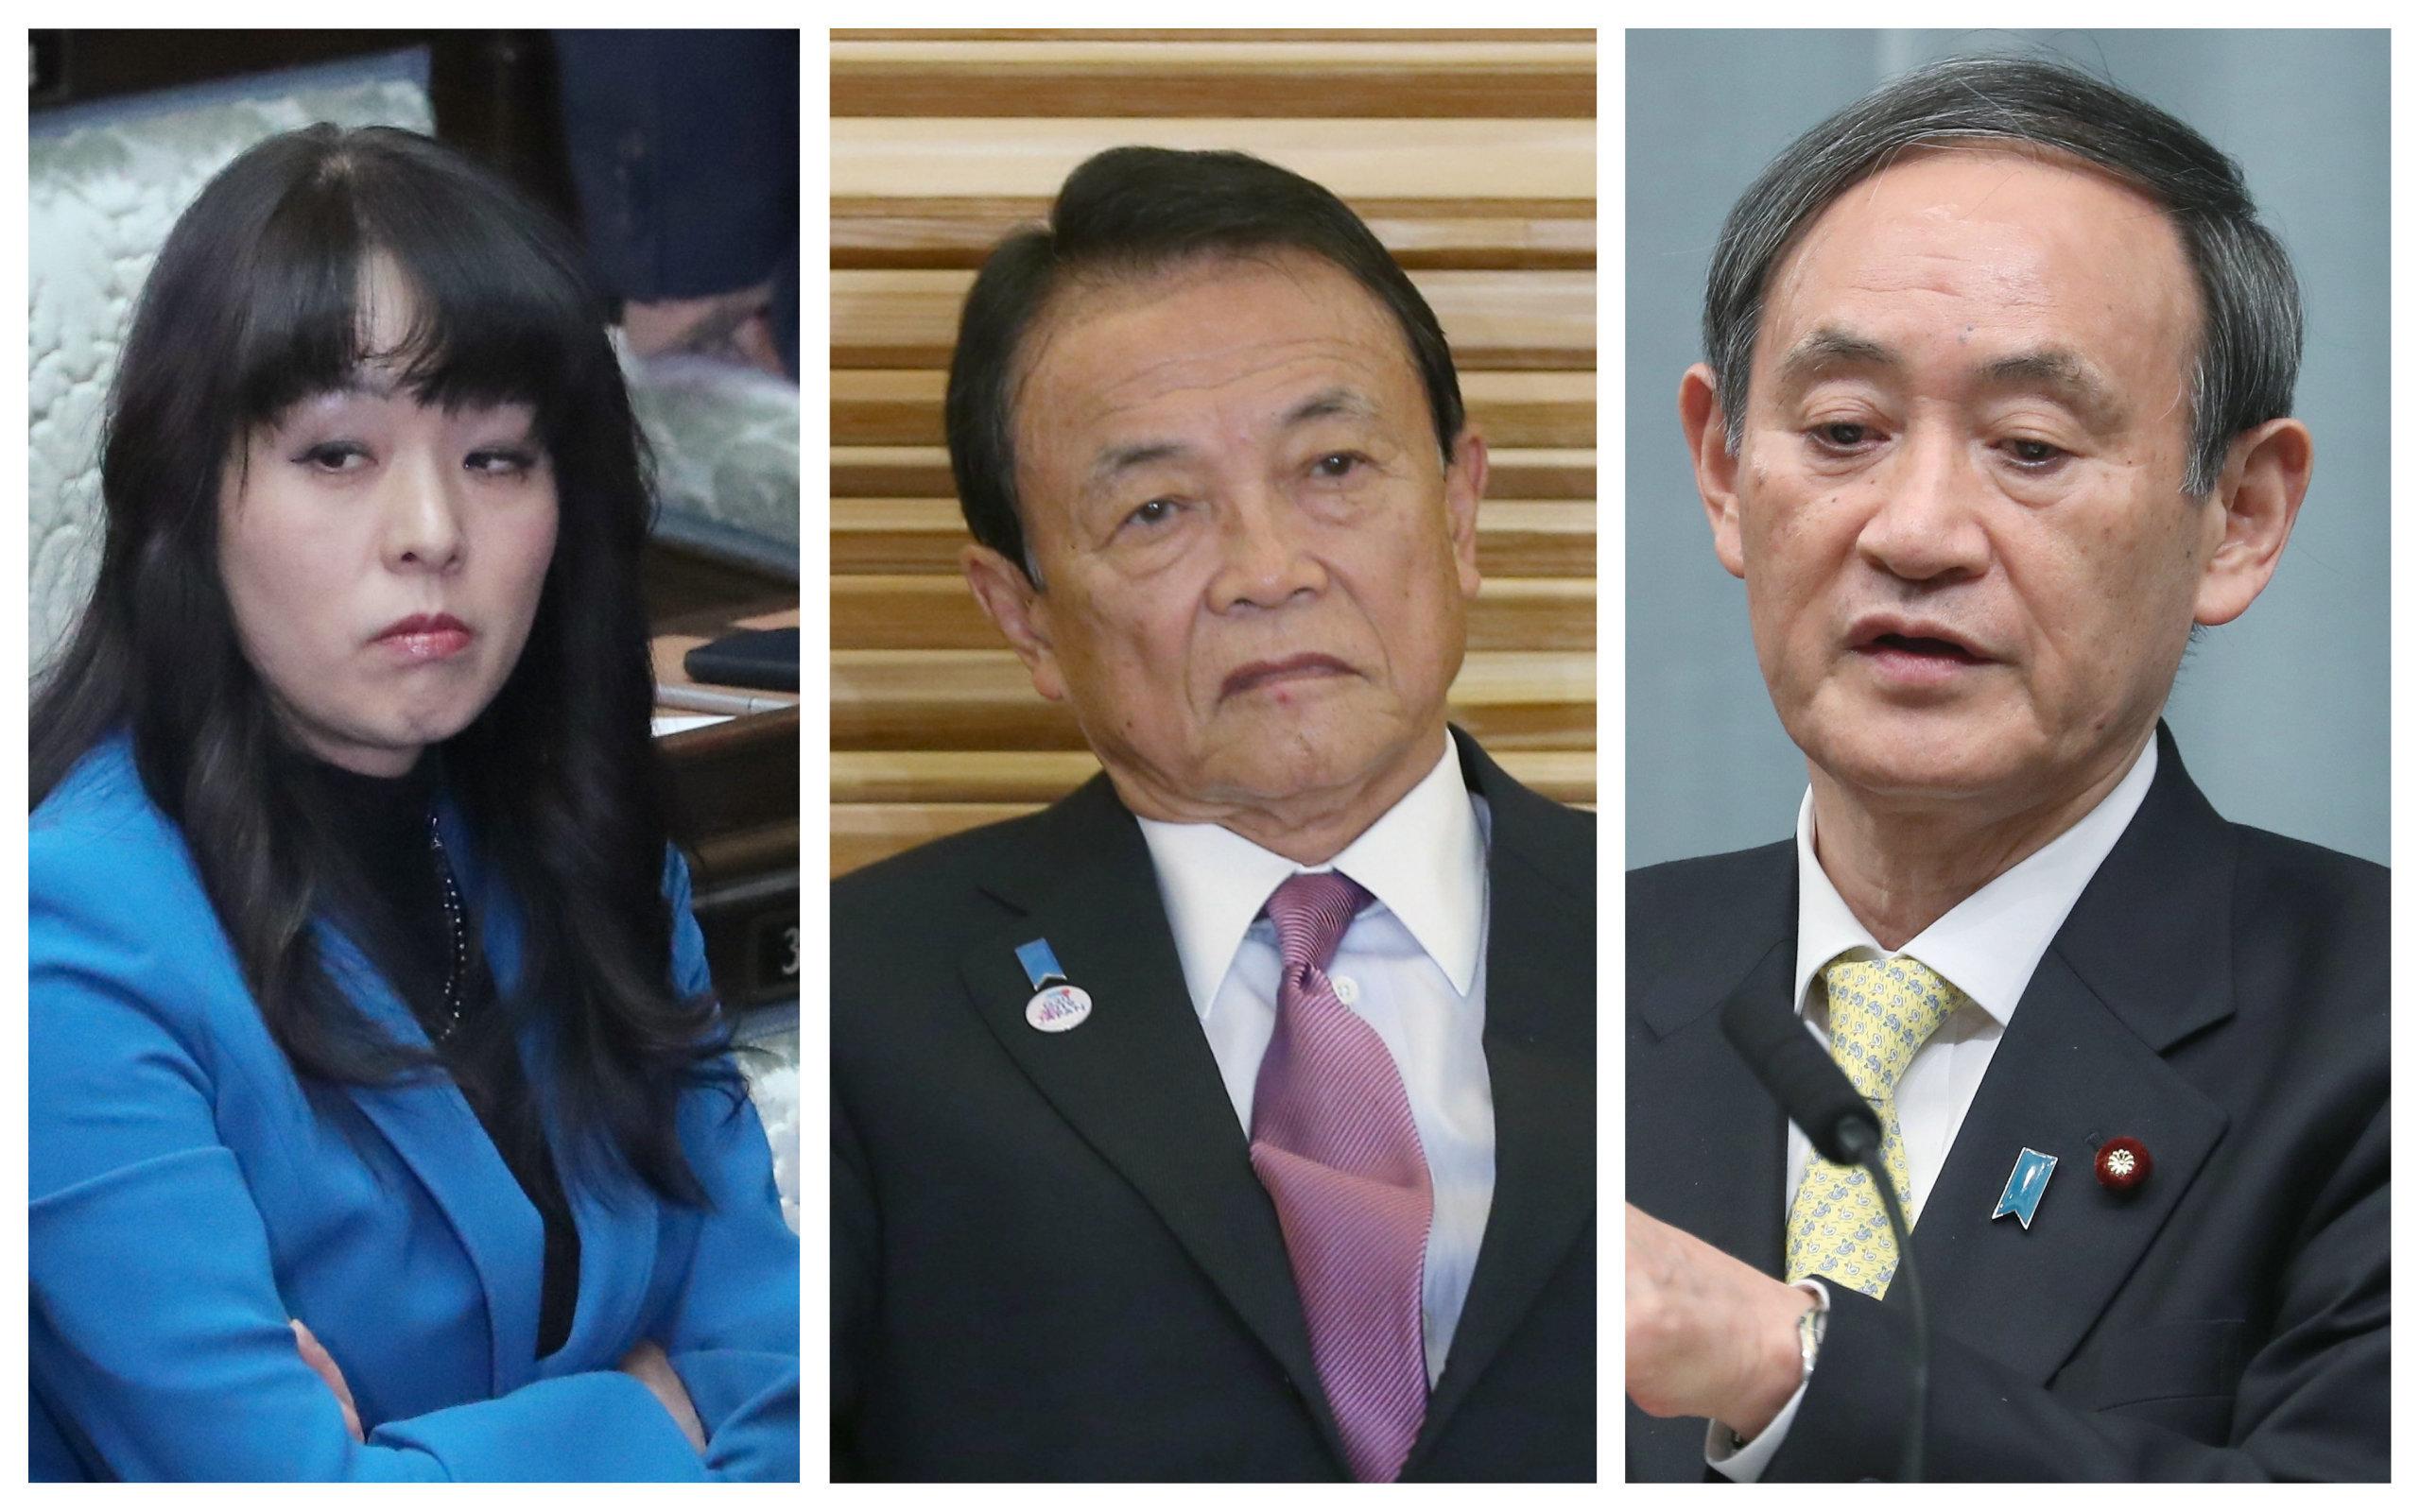 杉田水脈議員(左)、麻生太郎副総理兼財務相(中)、菅義偉官房長官(右)